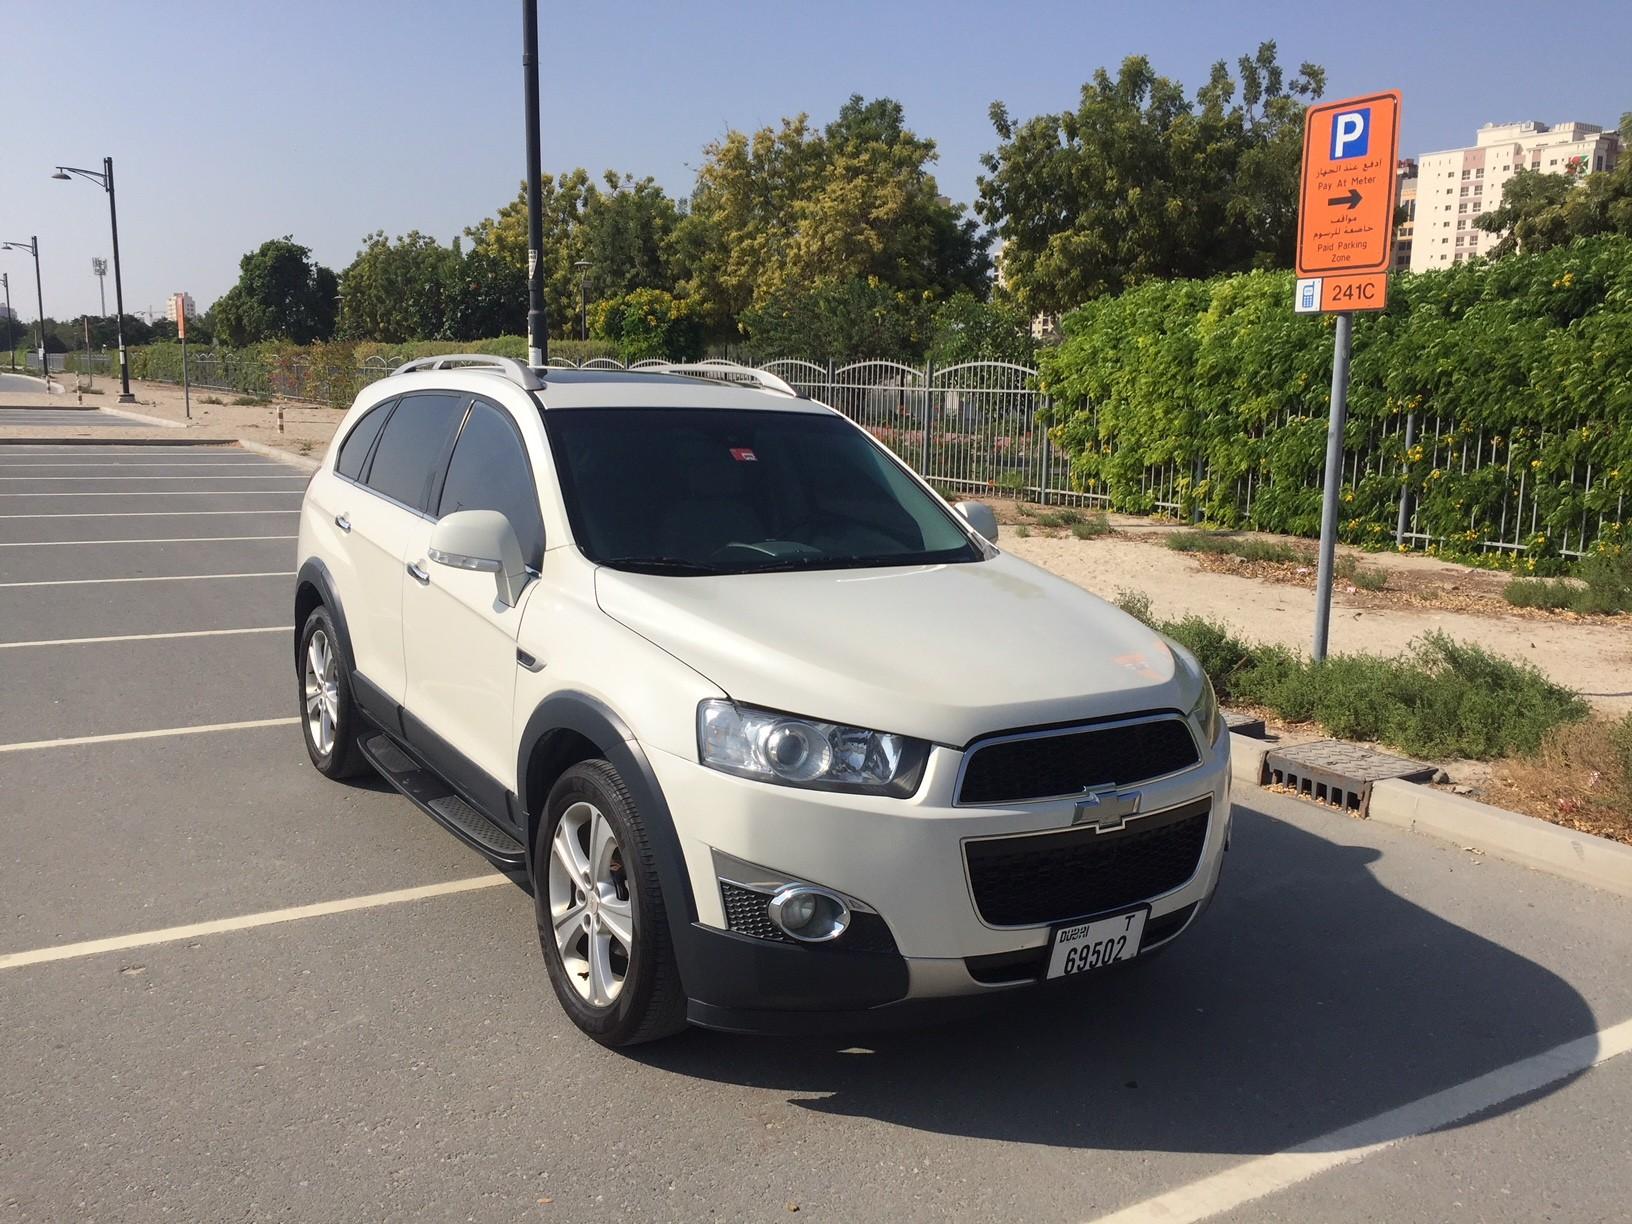 Kelebihan Chevrolet Captiva 2012 Tangguh